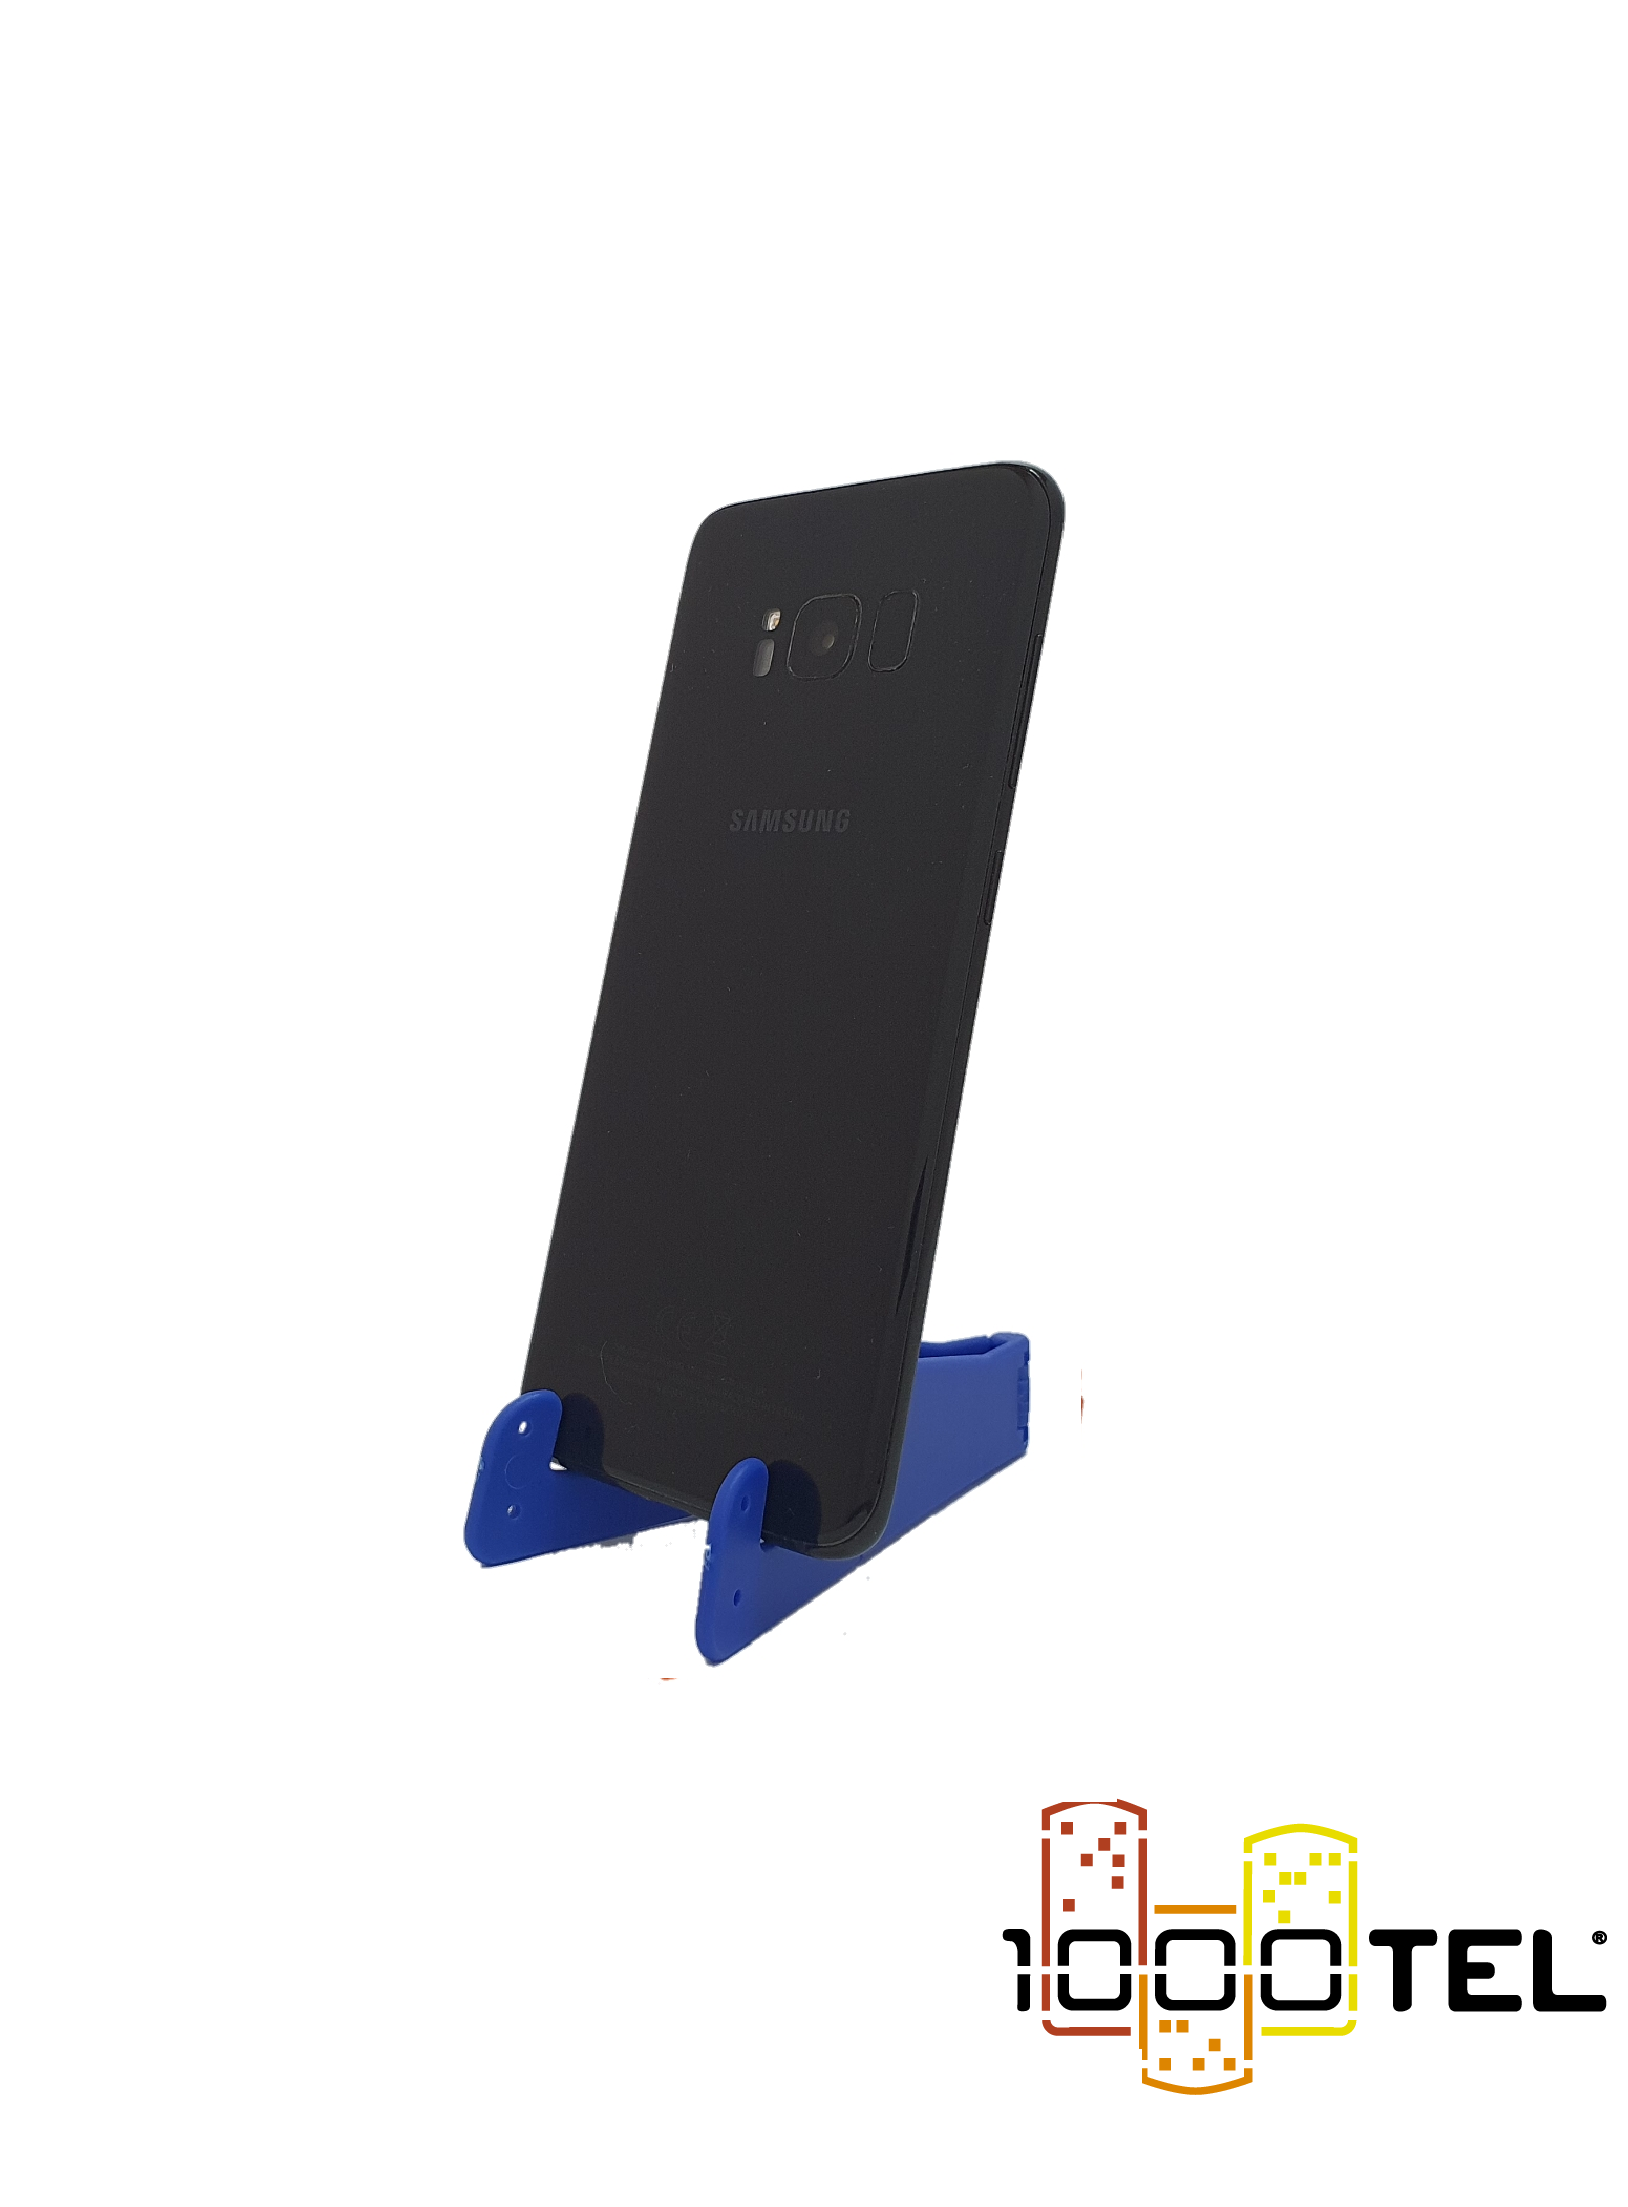 Samsung Galaxy S8 #4